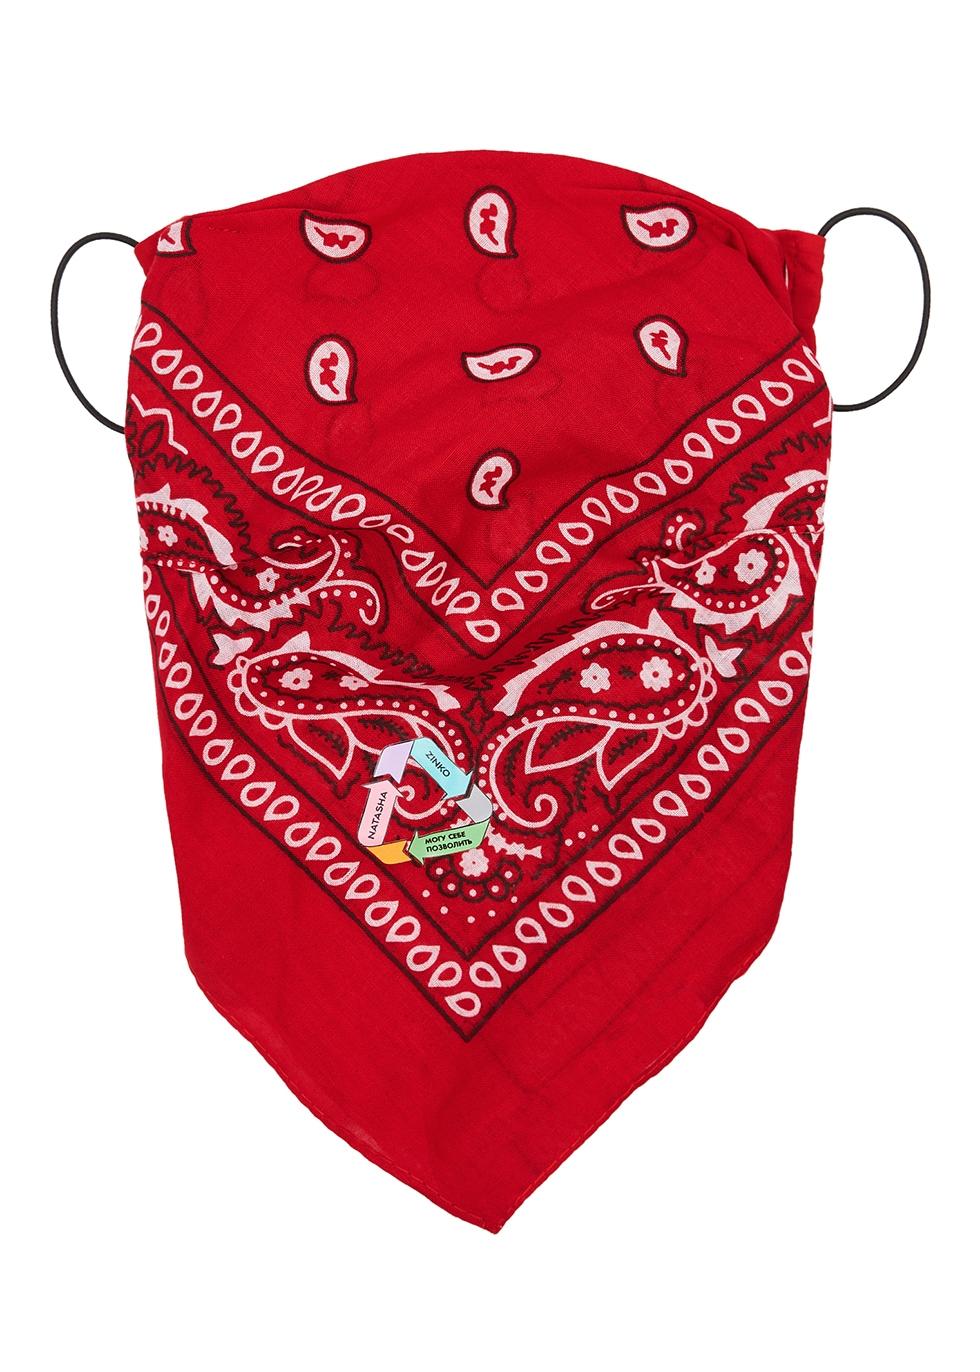 X DUO bandana upcycled cotton face mask